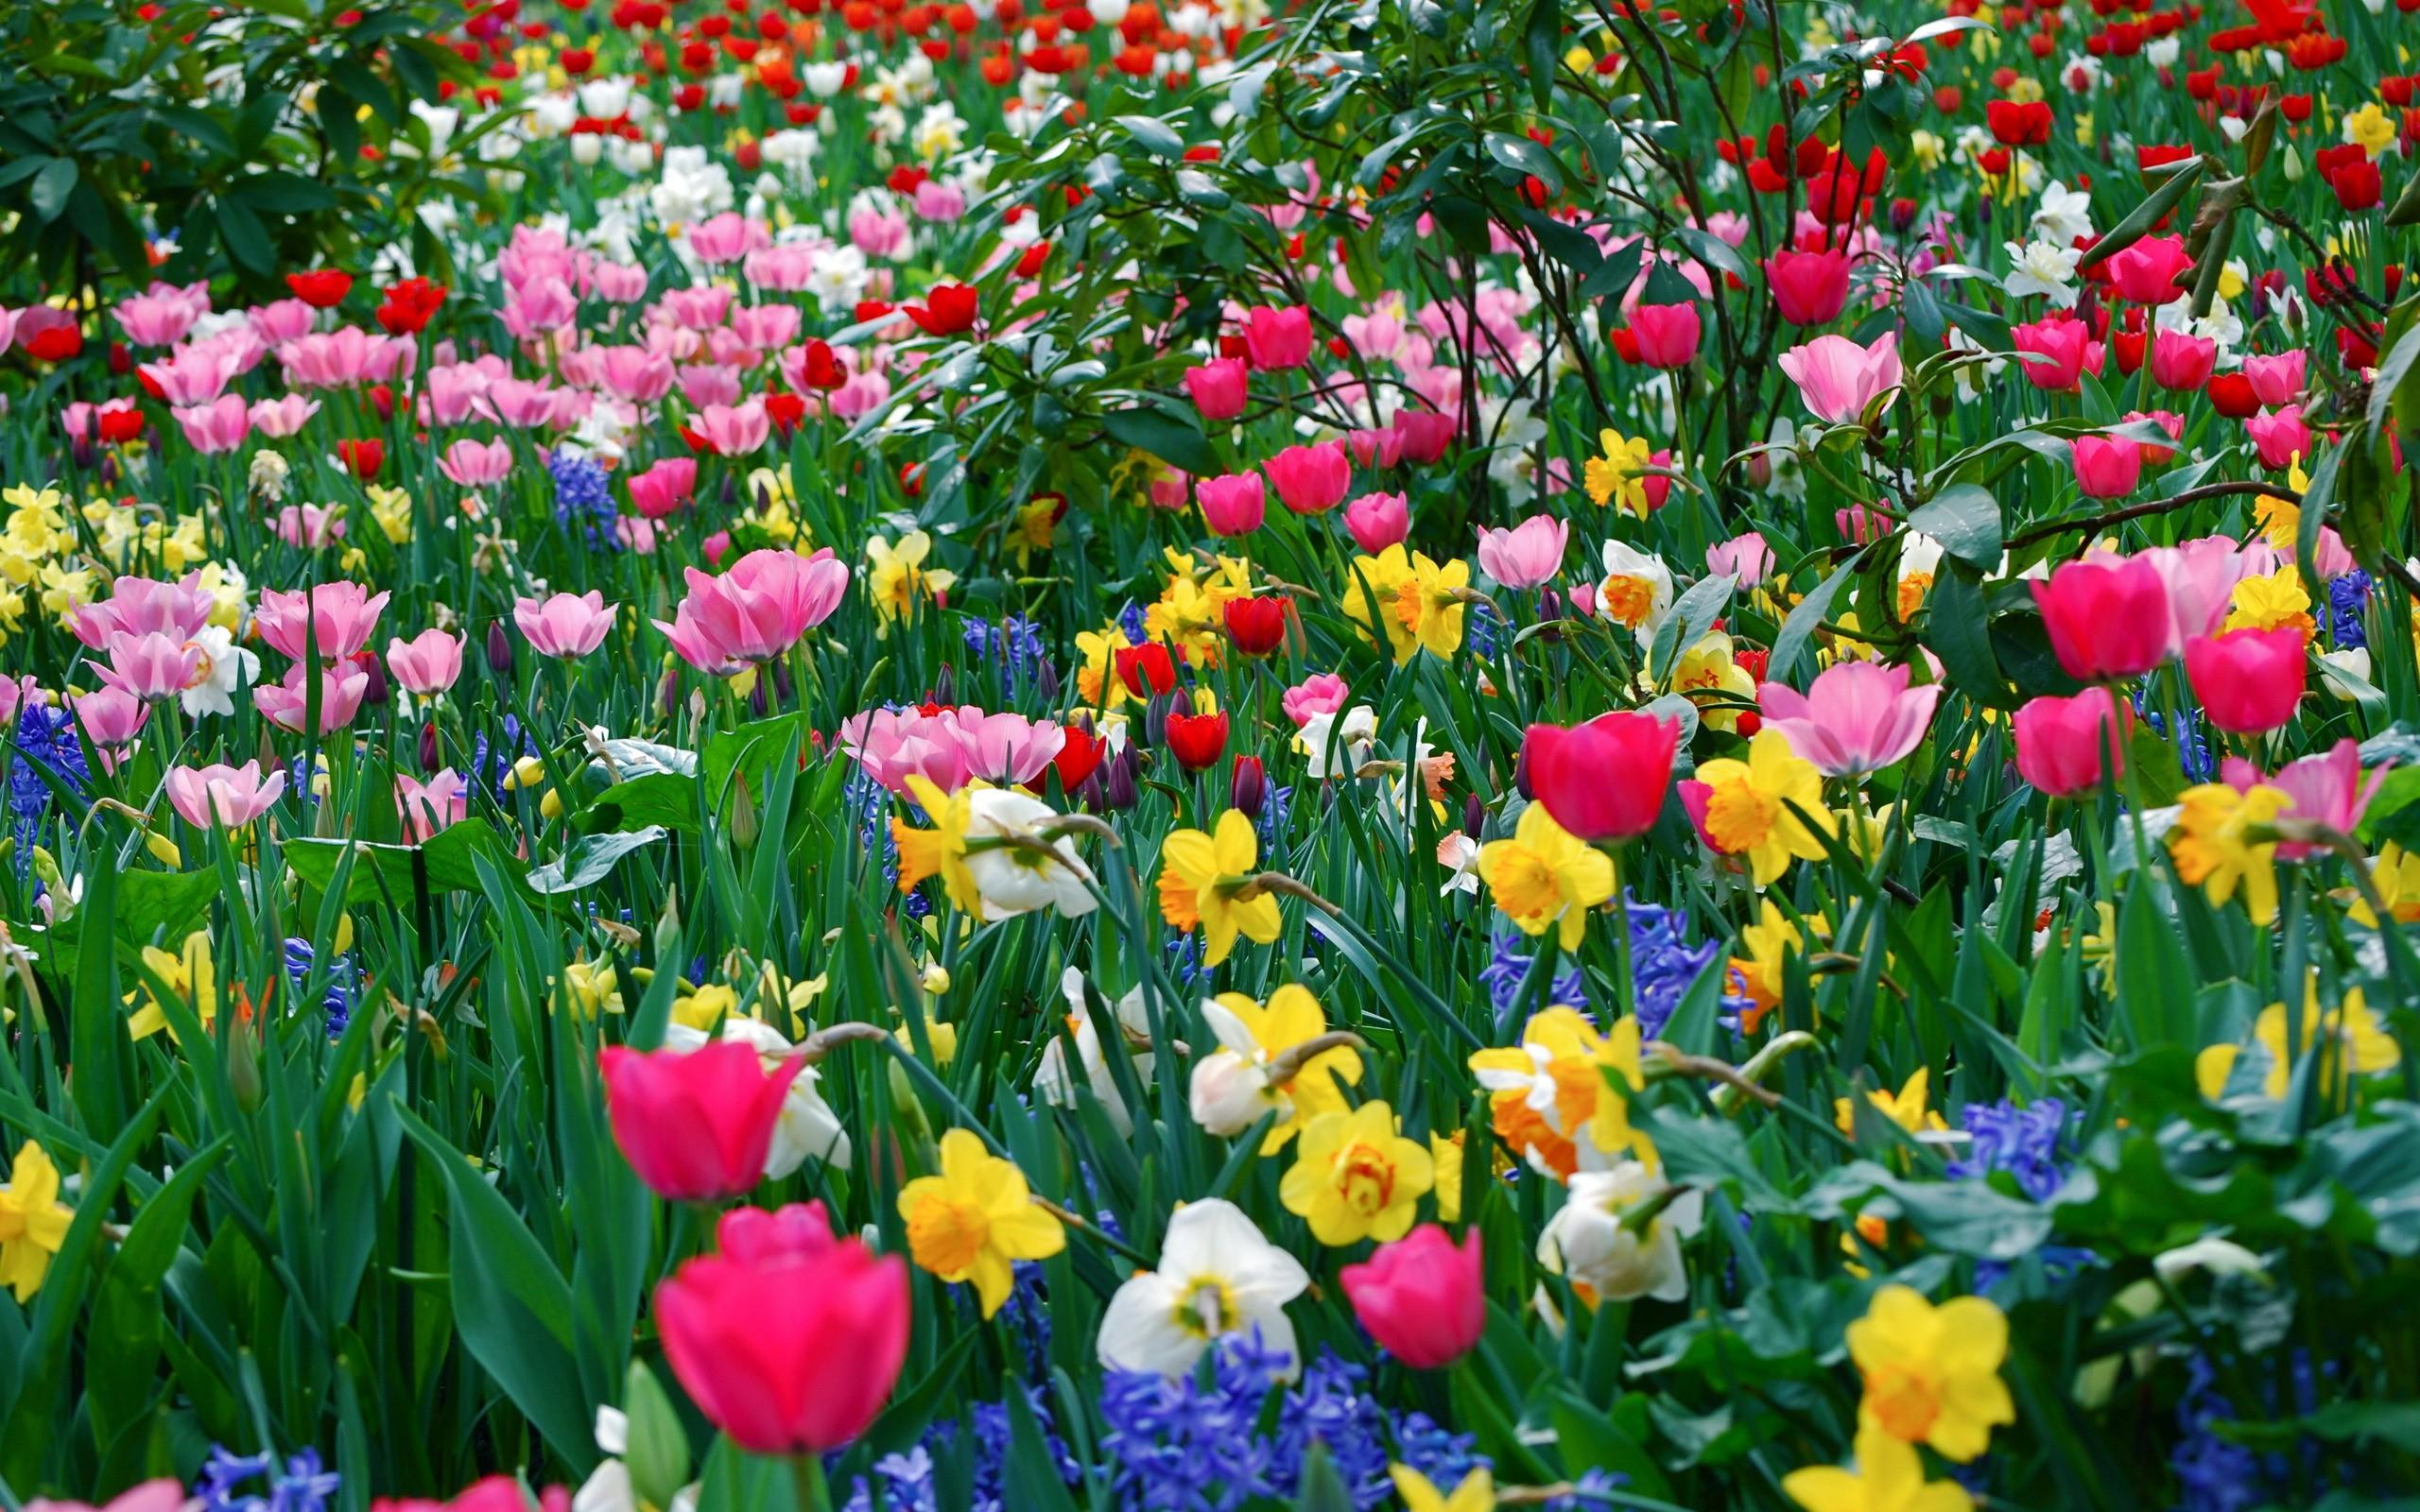 Nice Spring Season Photo